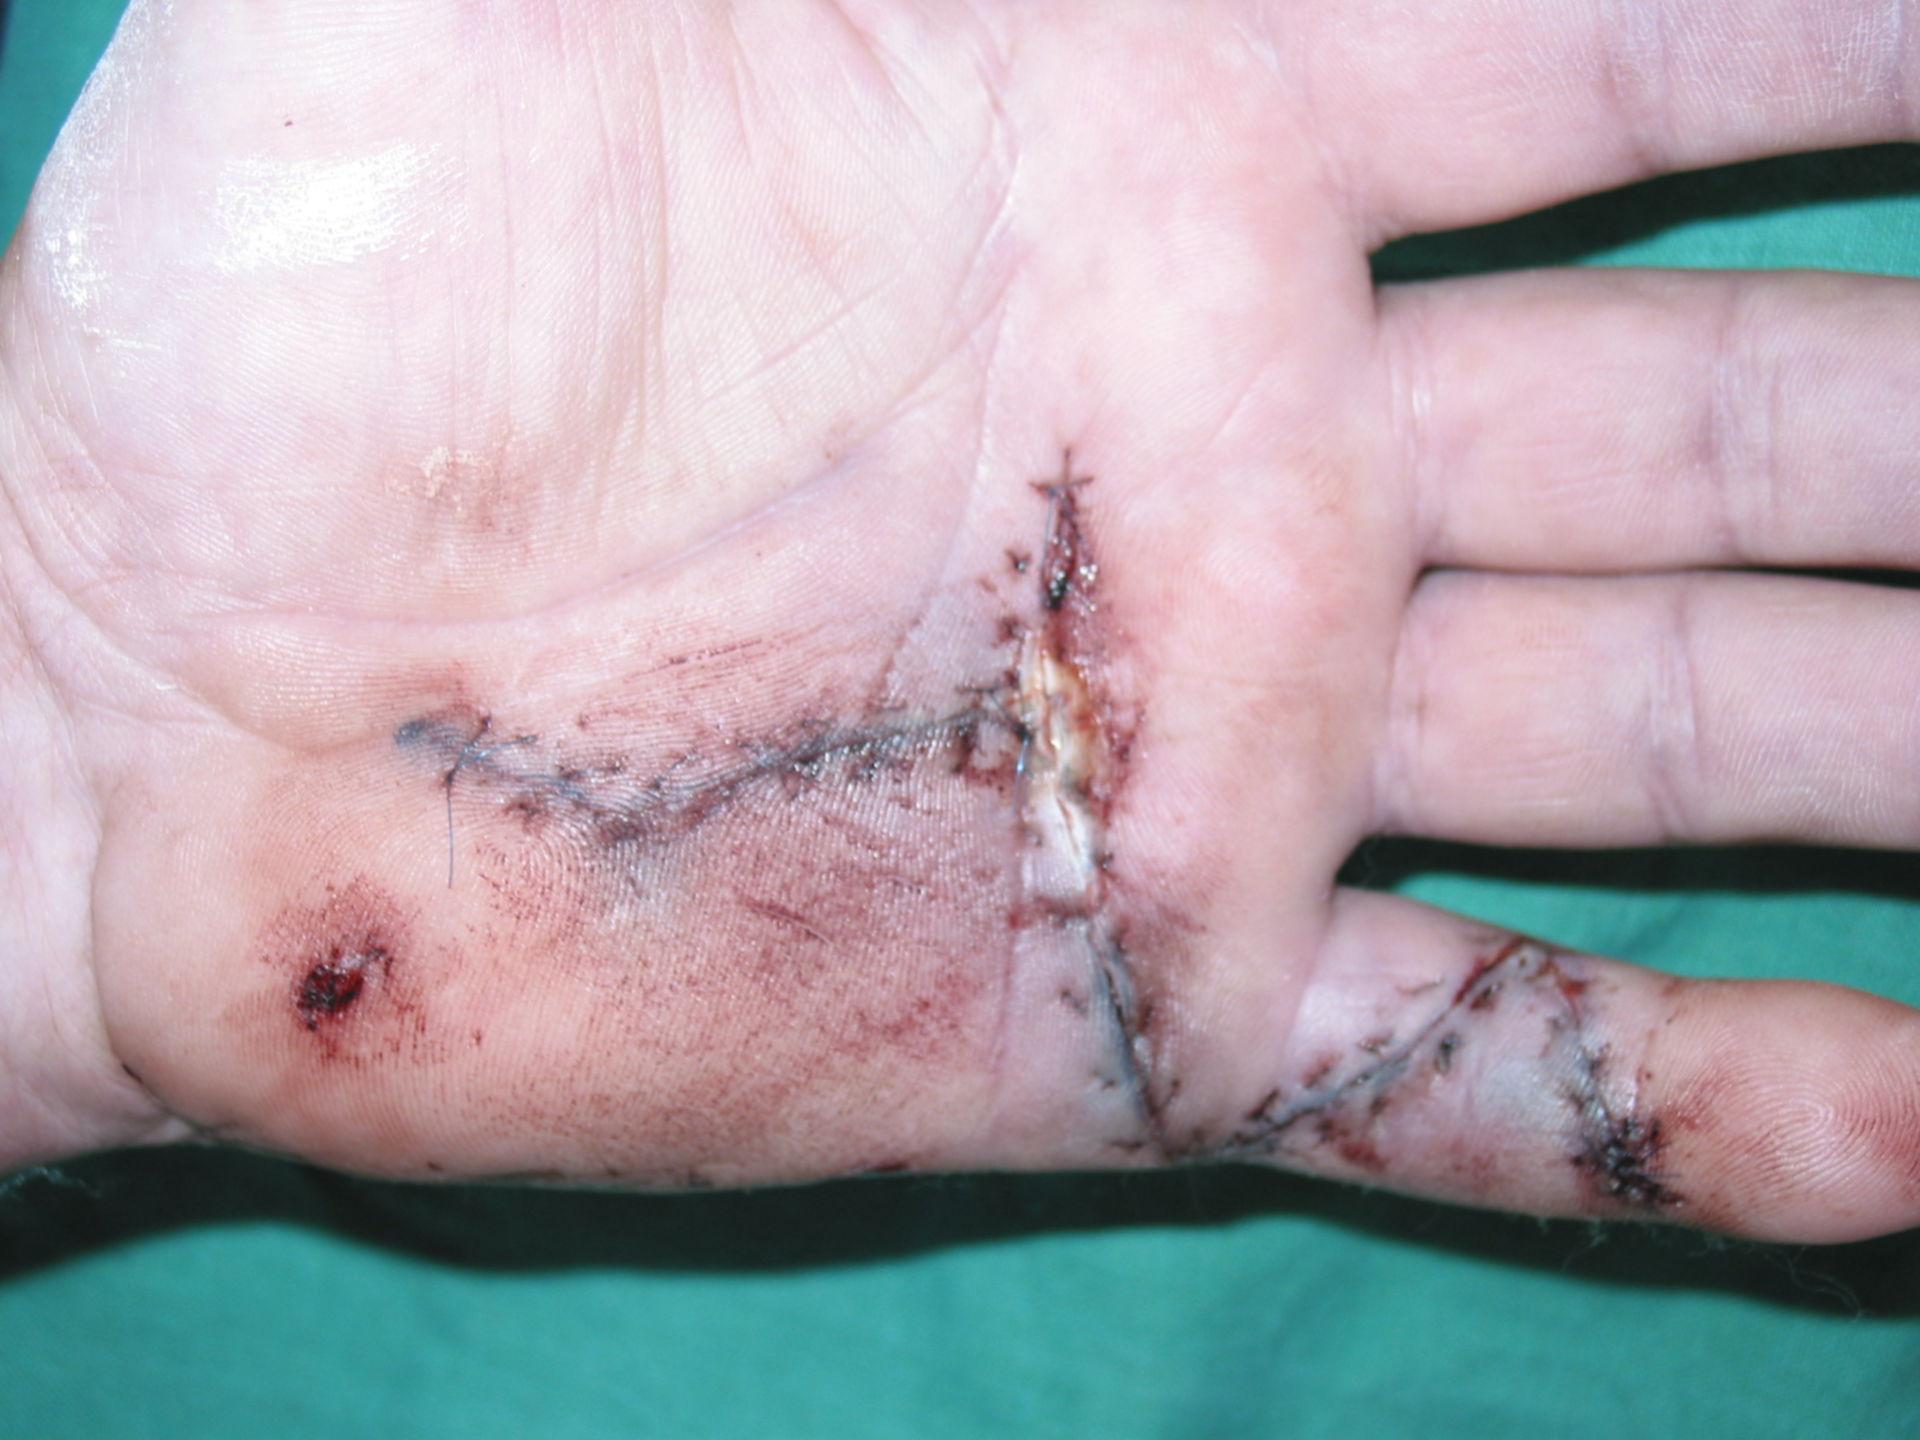 Dupuytren D 5 links-1 Woche postoperativ